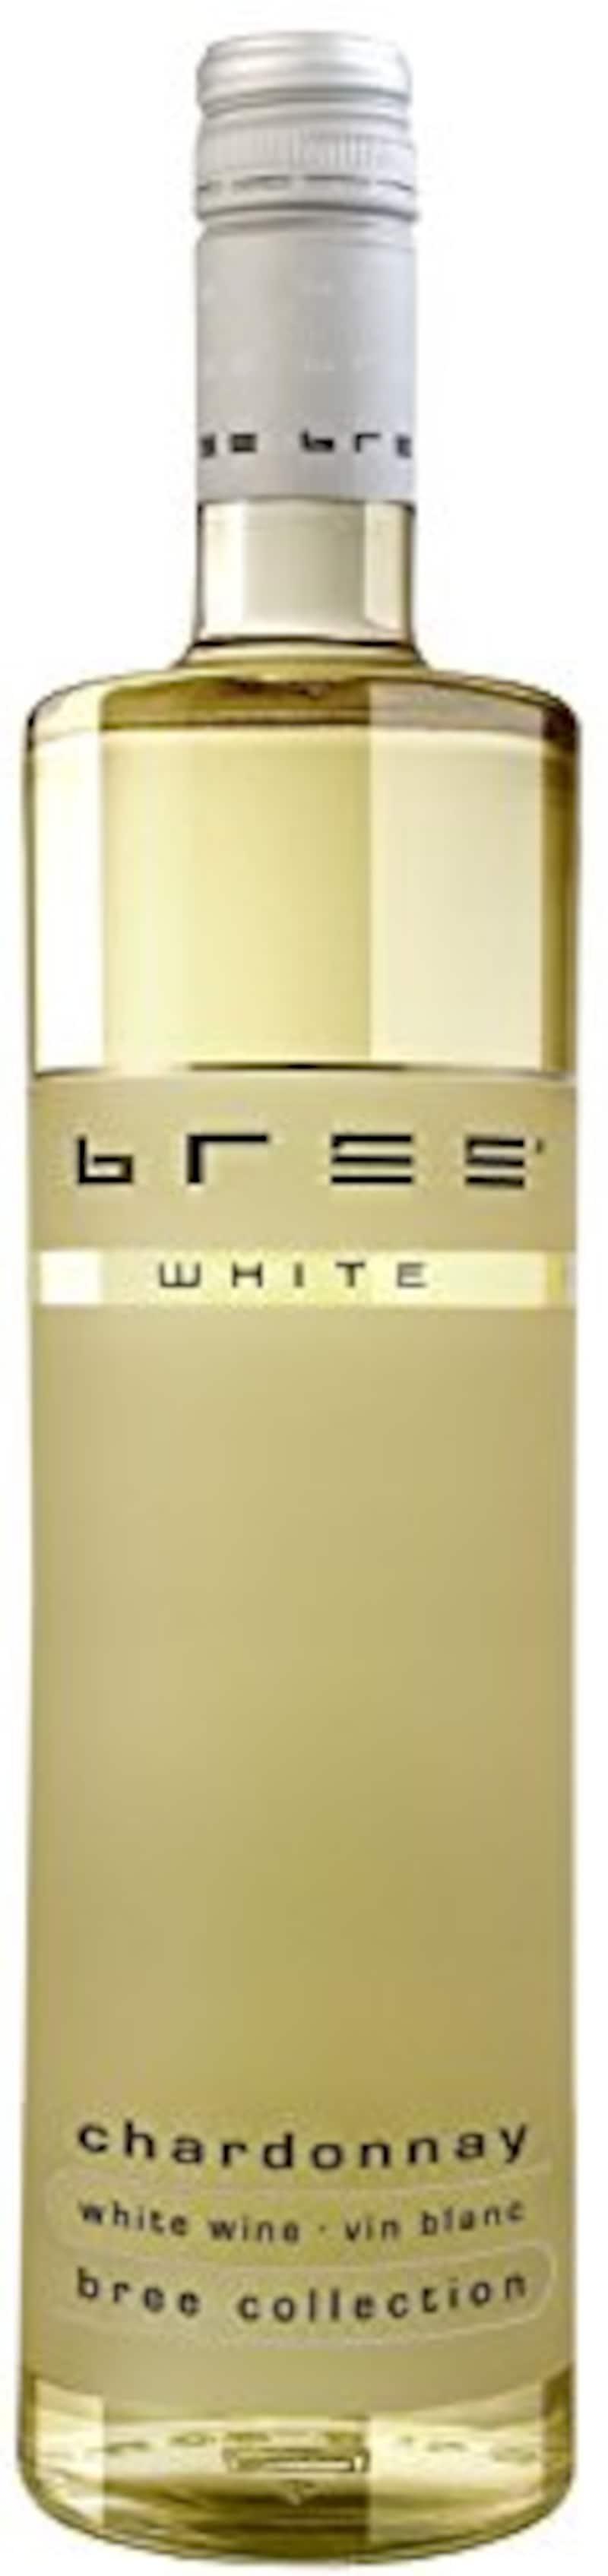 BREE(ブリー),ホワイト シャルドネ